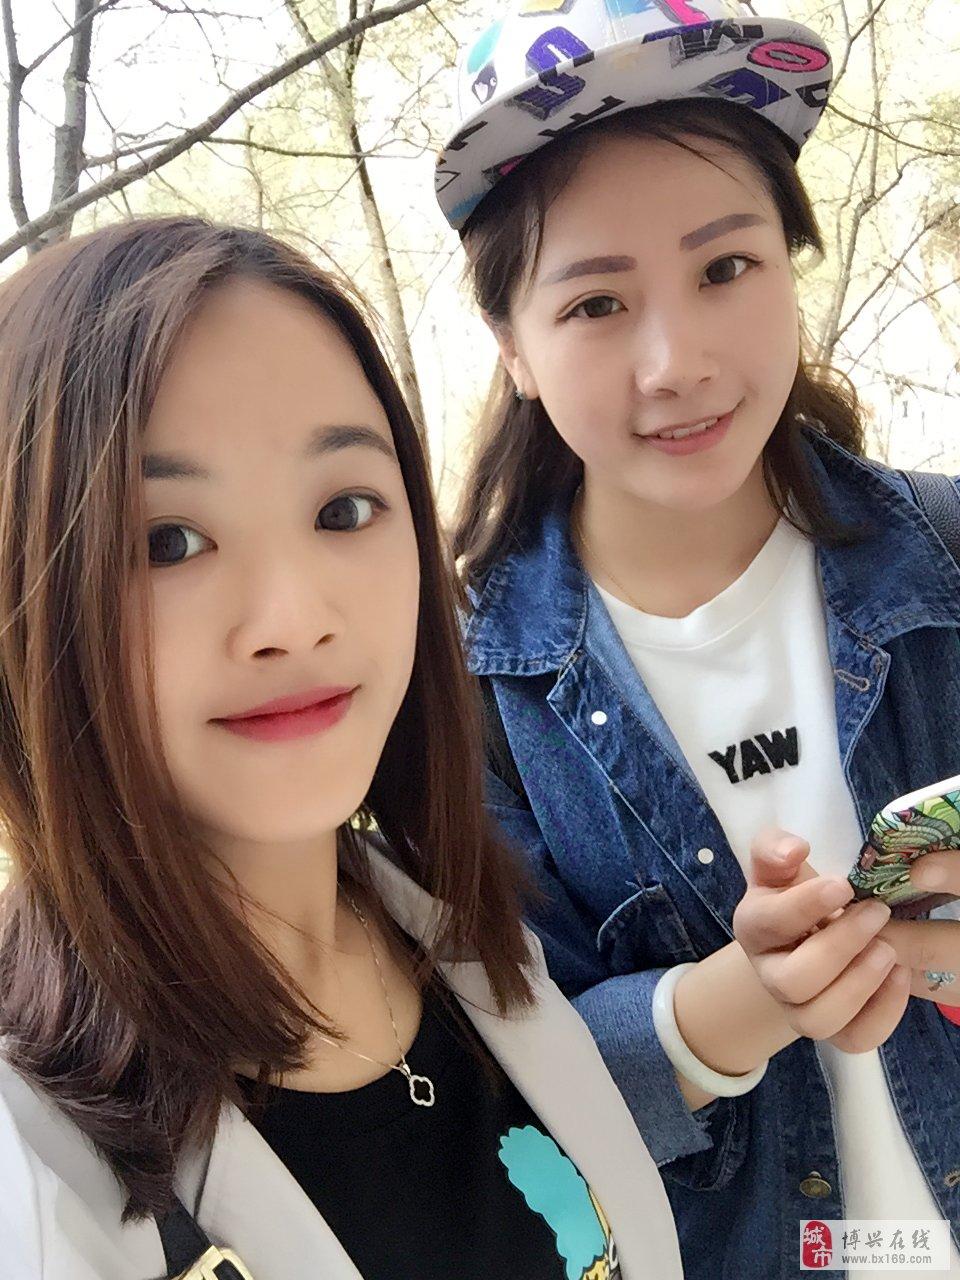 【美女永久】李林玉20岁美女座半秀场定妆水瓶吃霸王龙图片